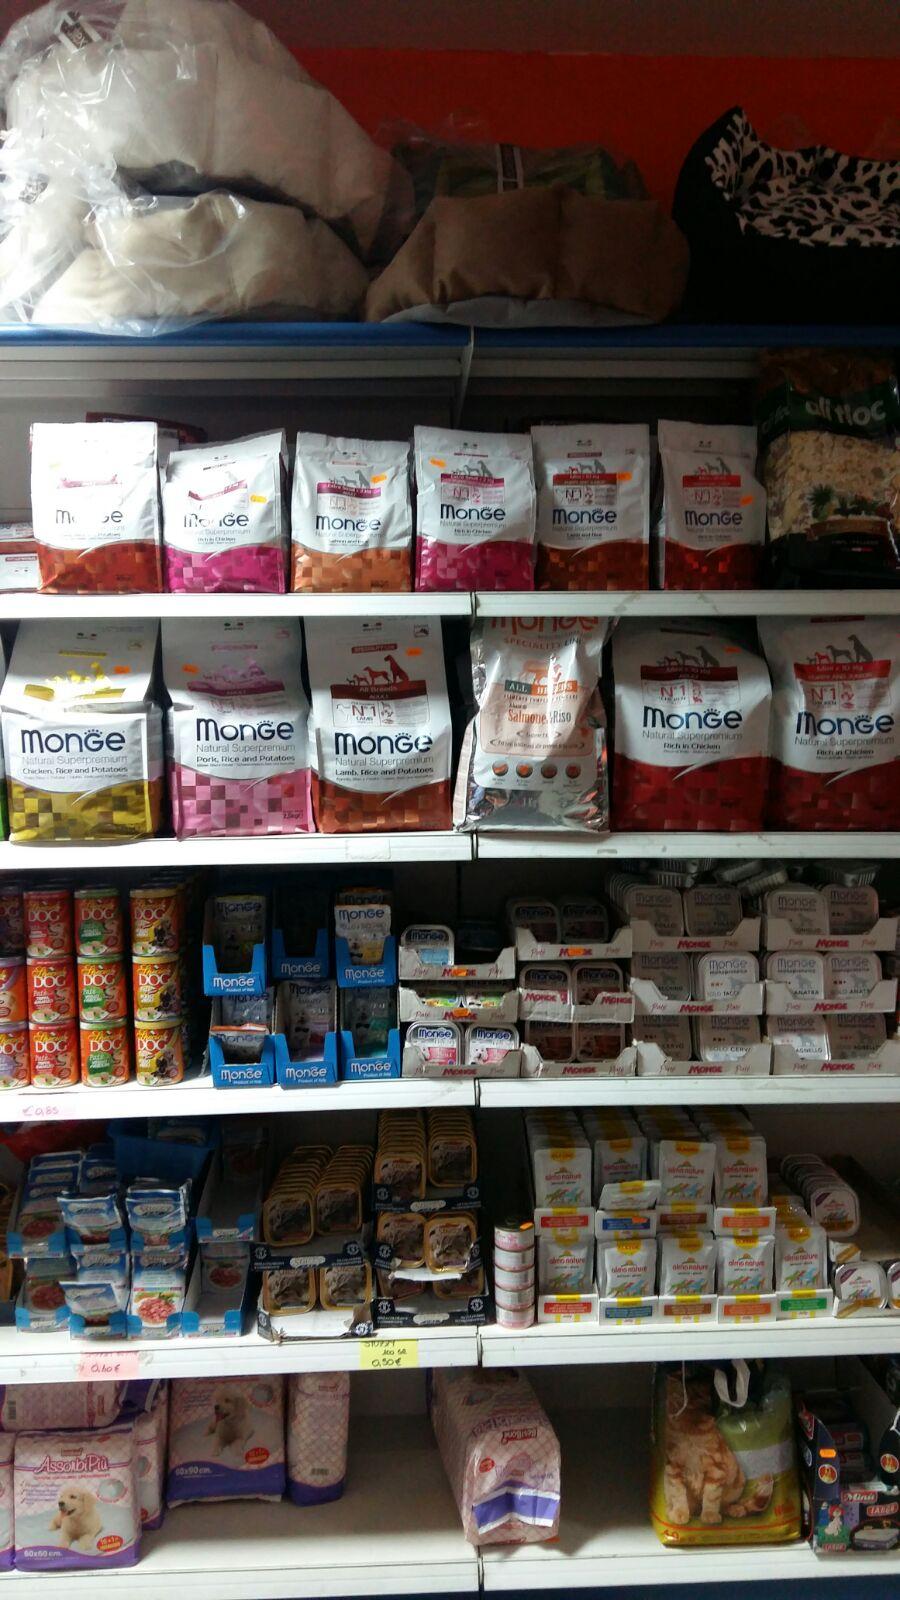 Delle mensole con confezioni di mangime per gli animali della marca Exclusion Monge